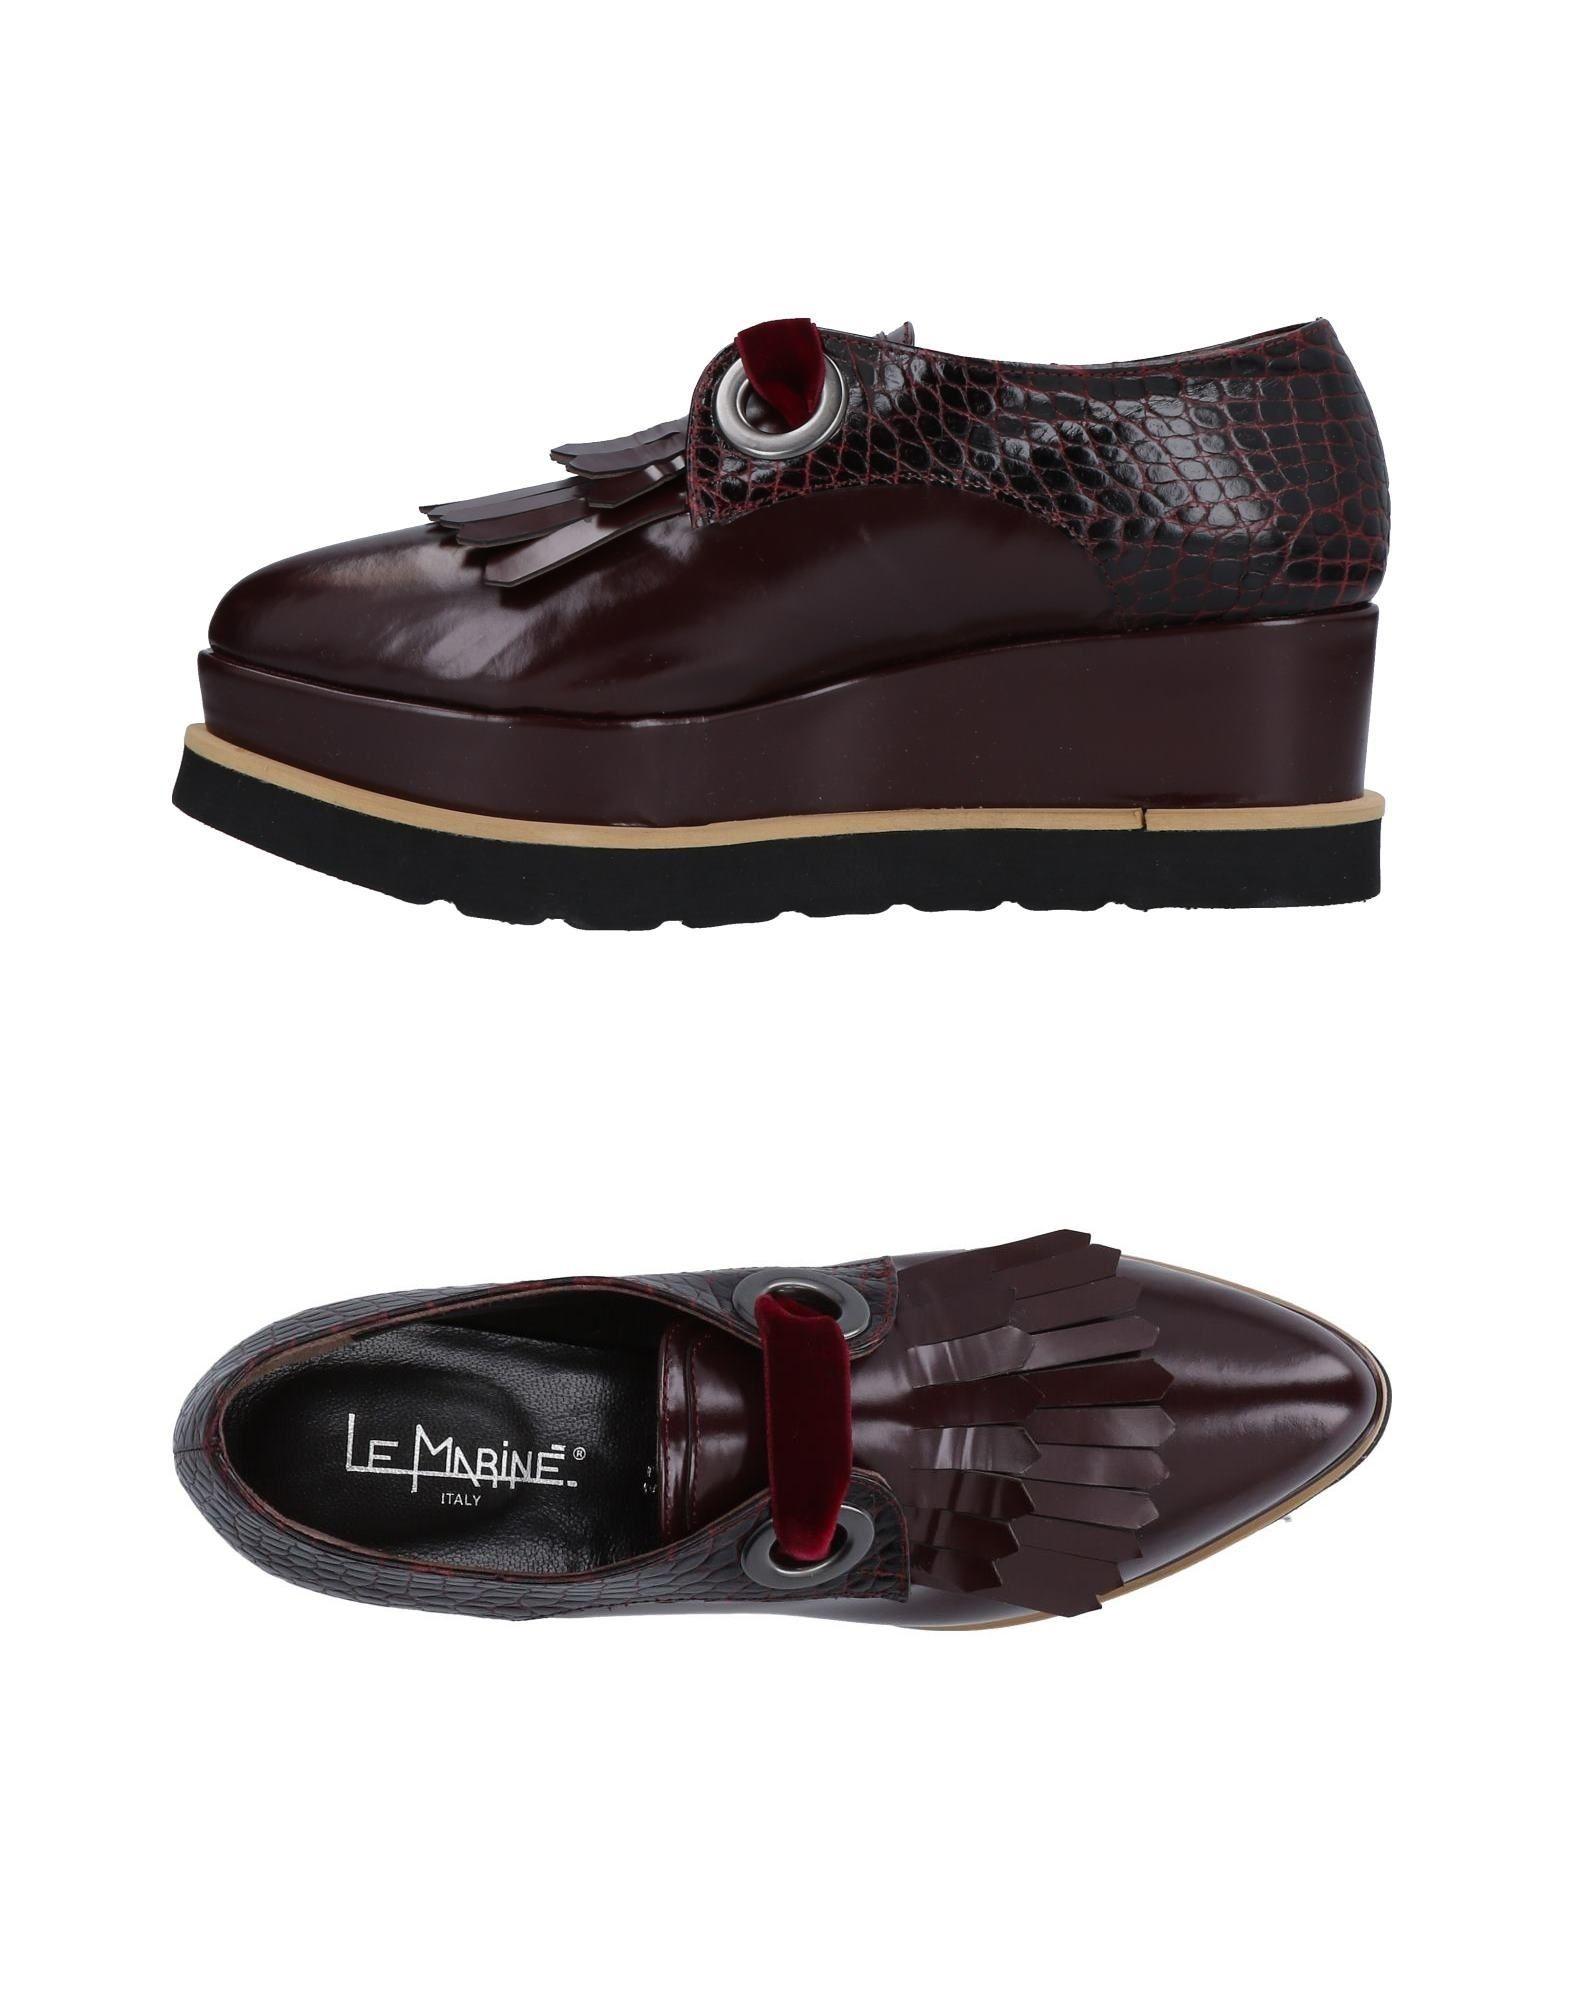 Le Marinē Schnürschuhe Damen  11271936HE Gute Qualität beliebte Schuhe